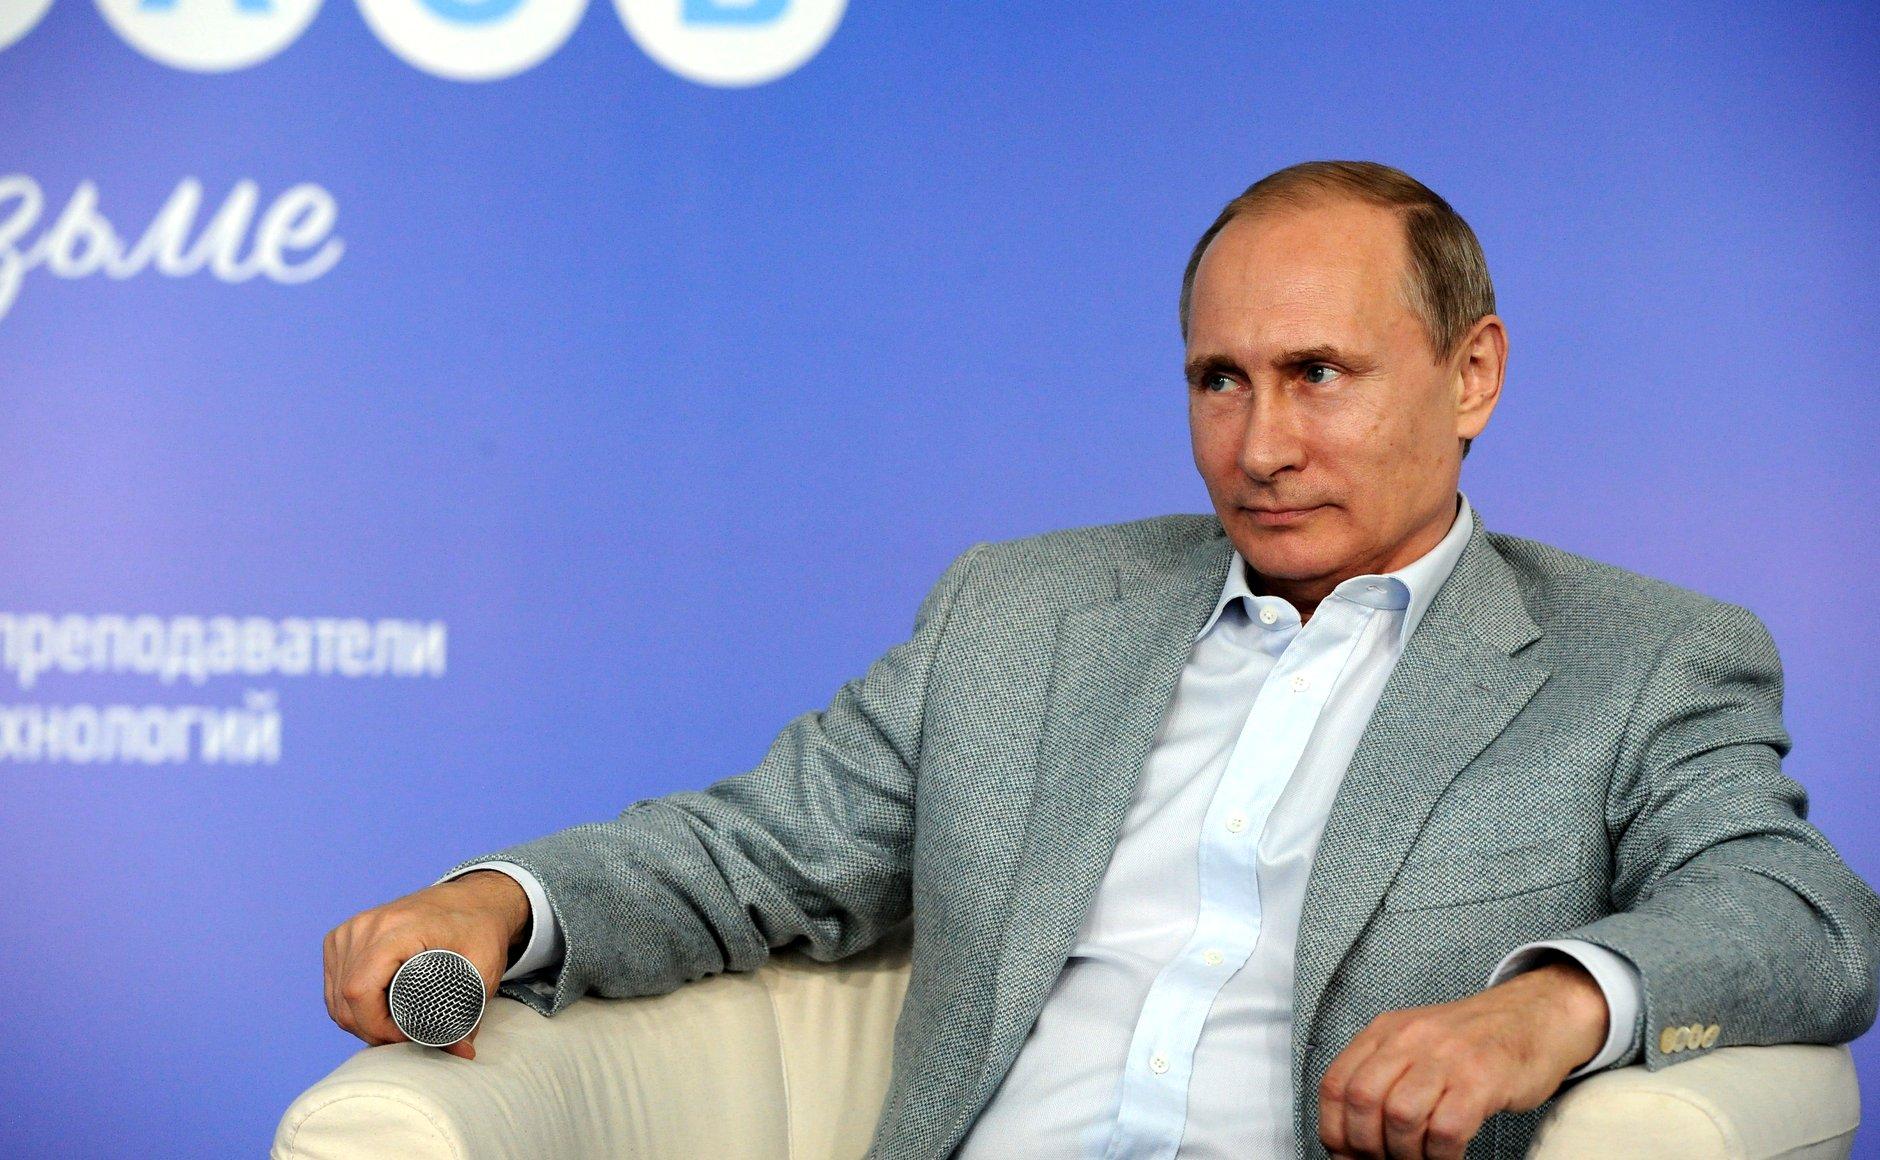 Саратовское издательство выпустило подарочный сборник высказываний Путина